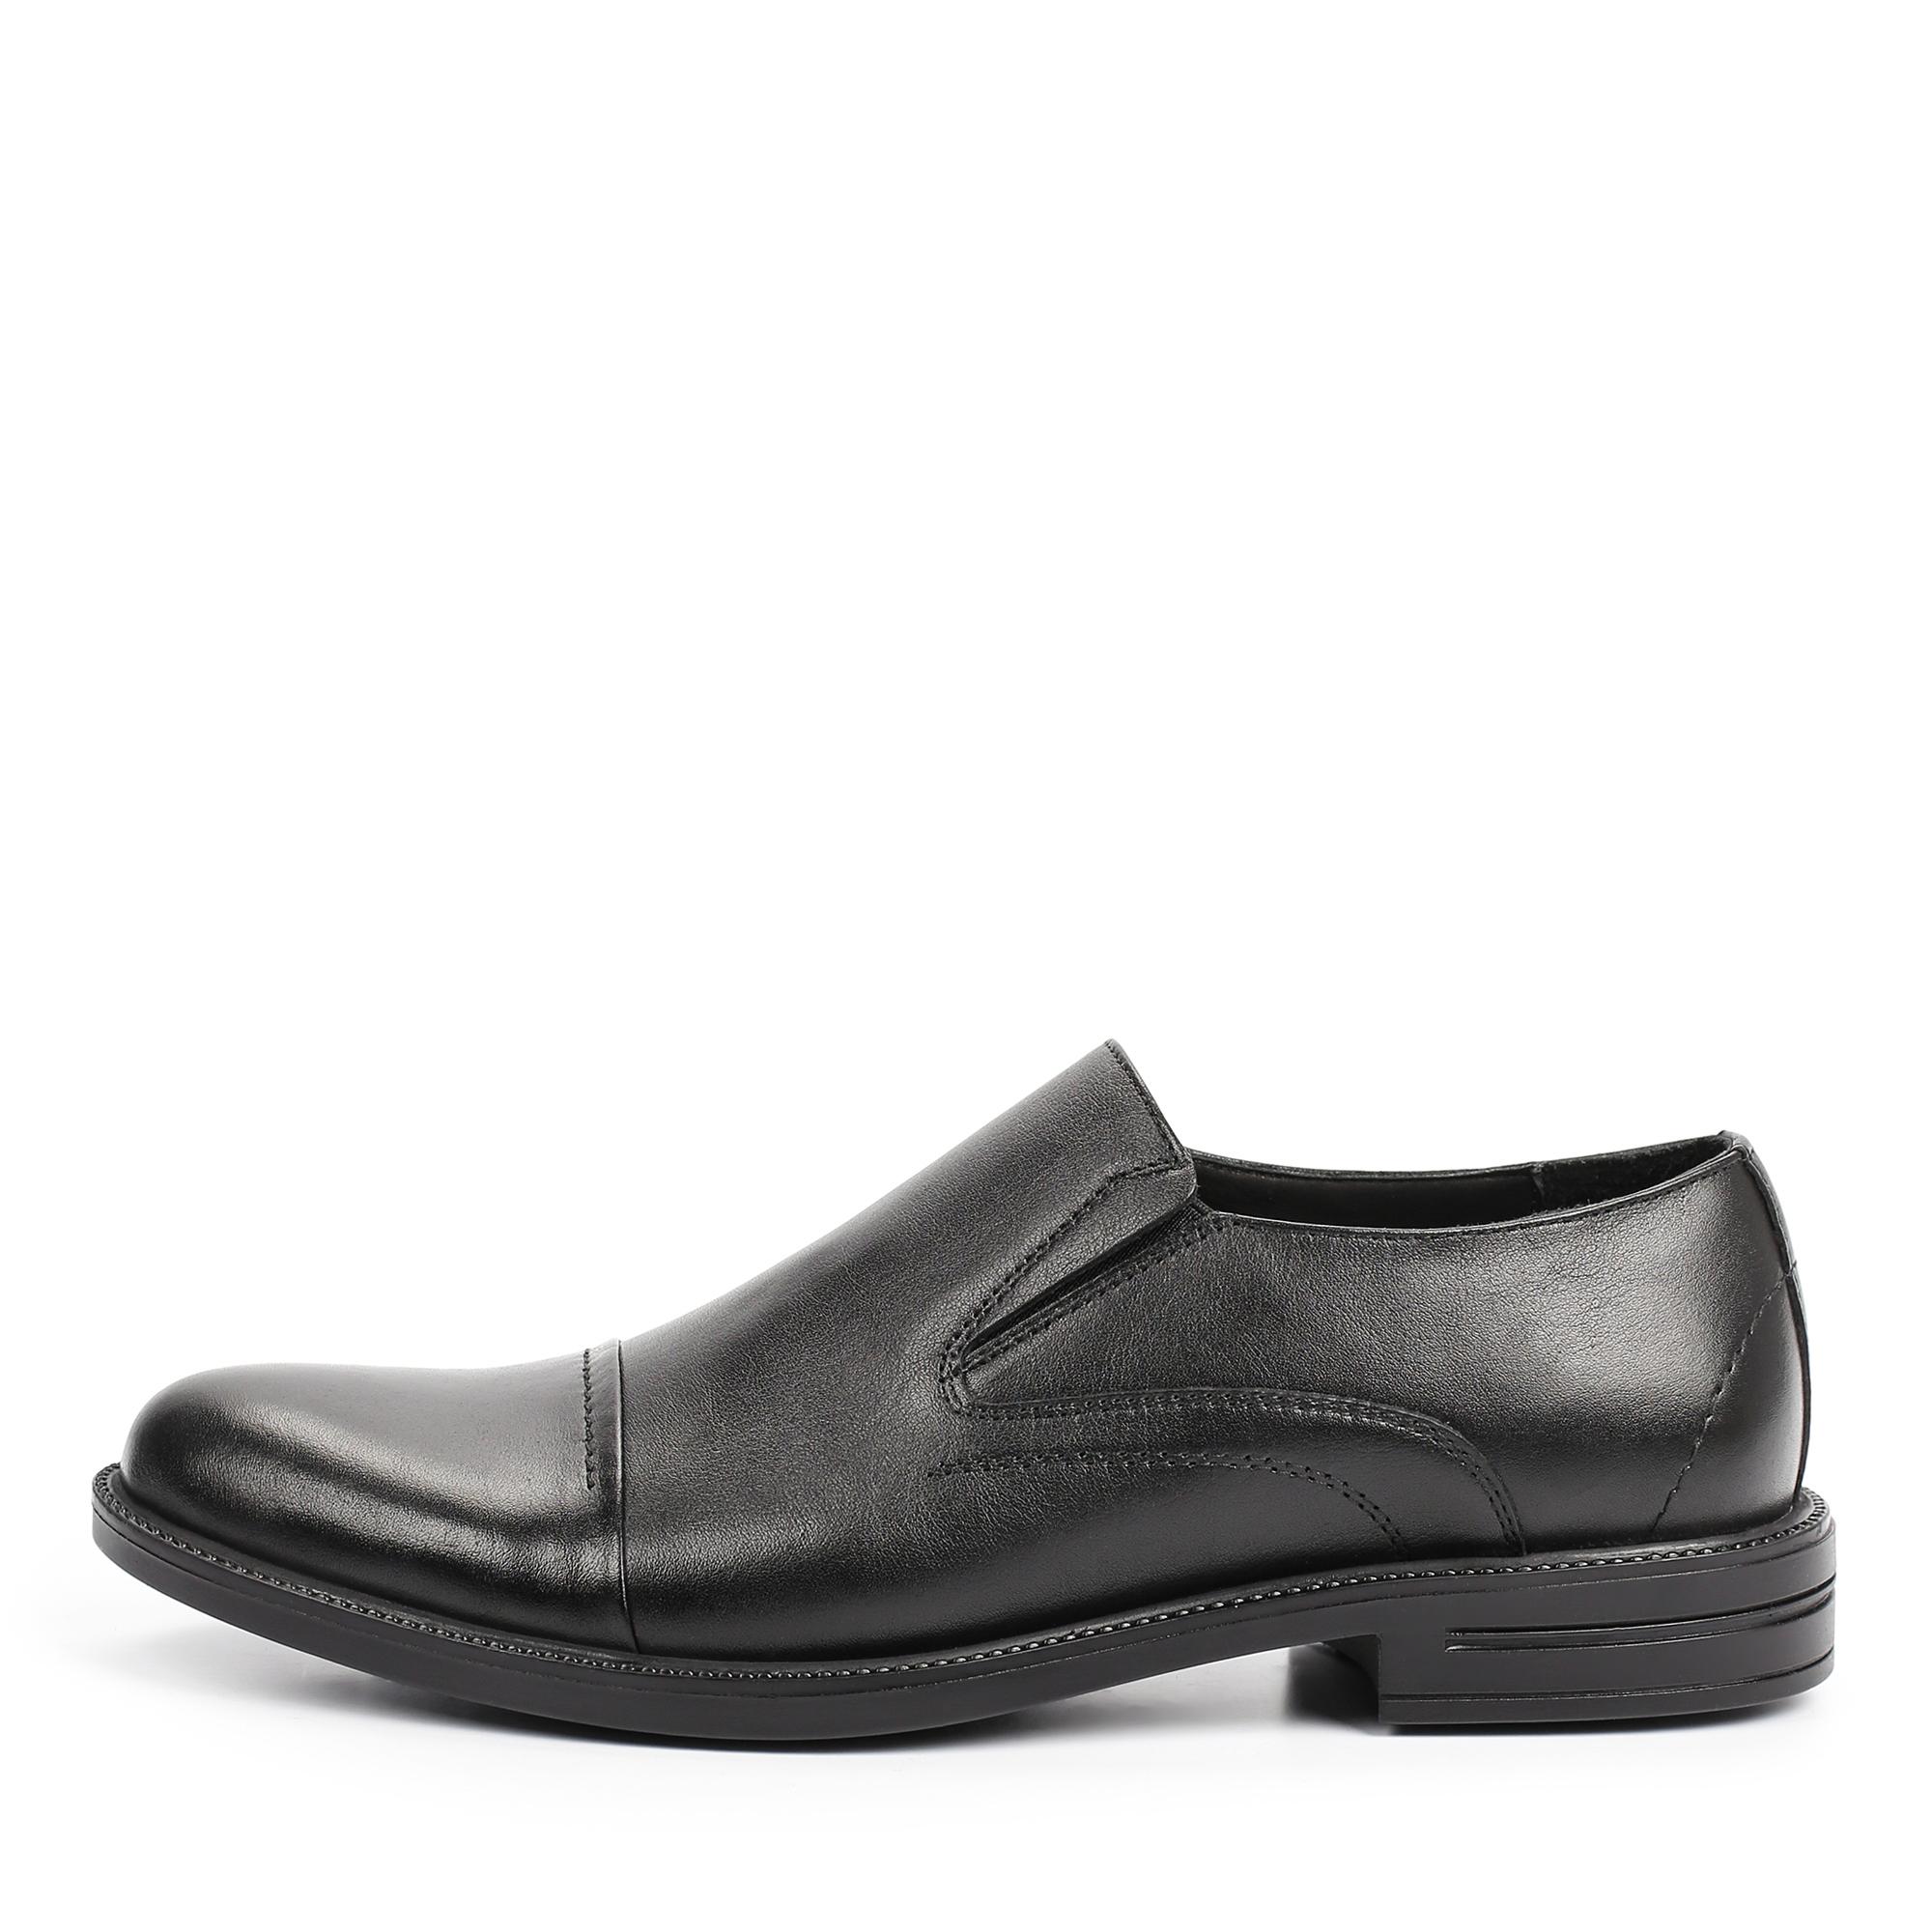 Туфли/полуботинки Salamander 331-059B-11021